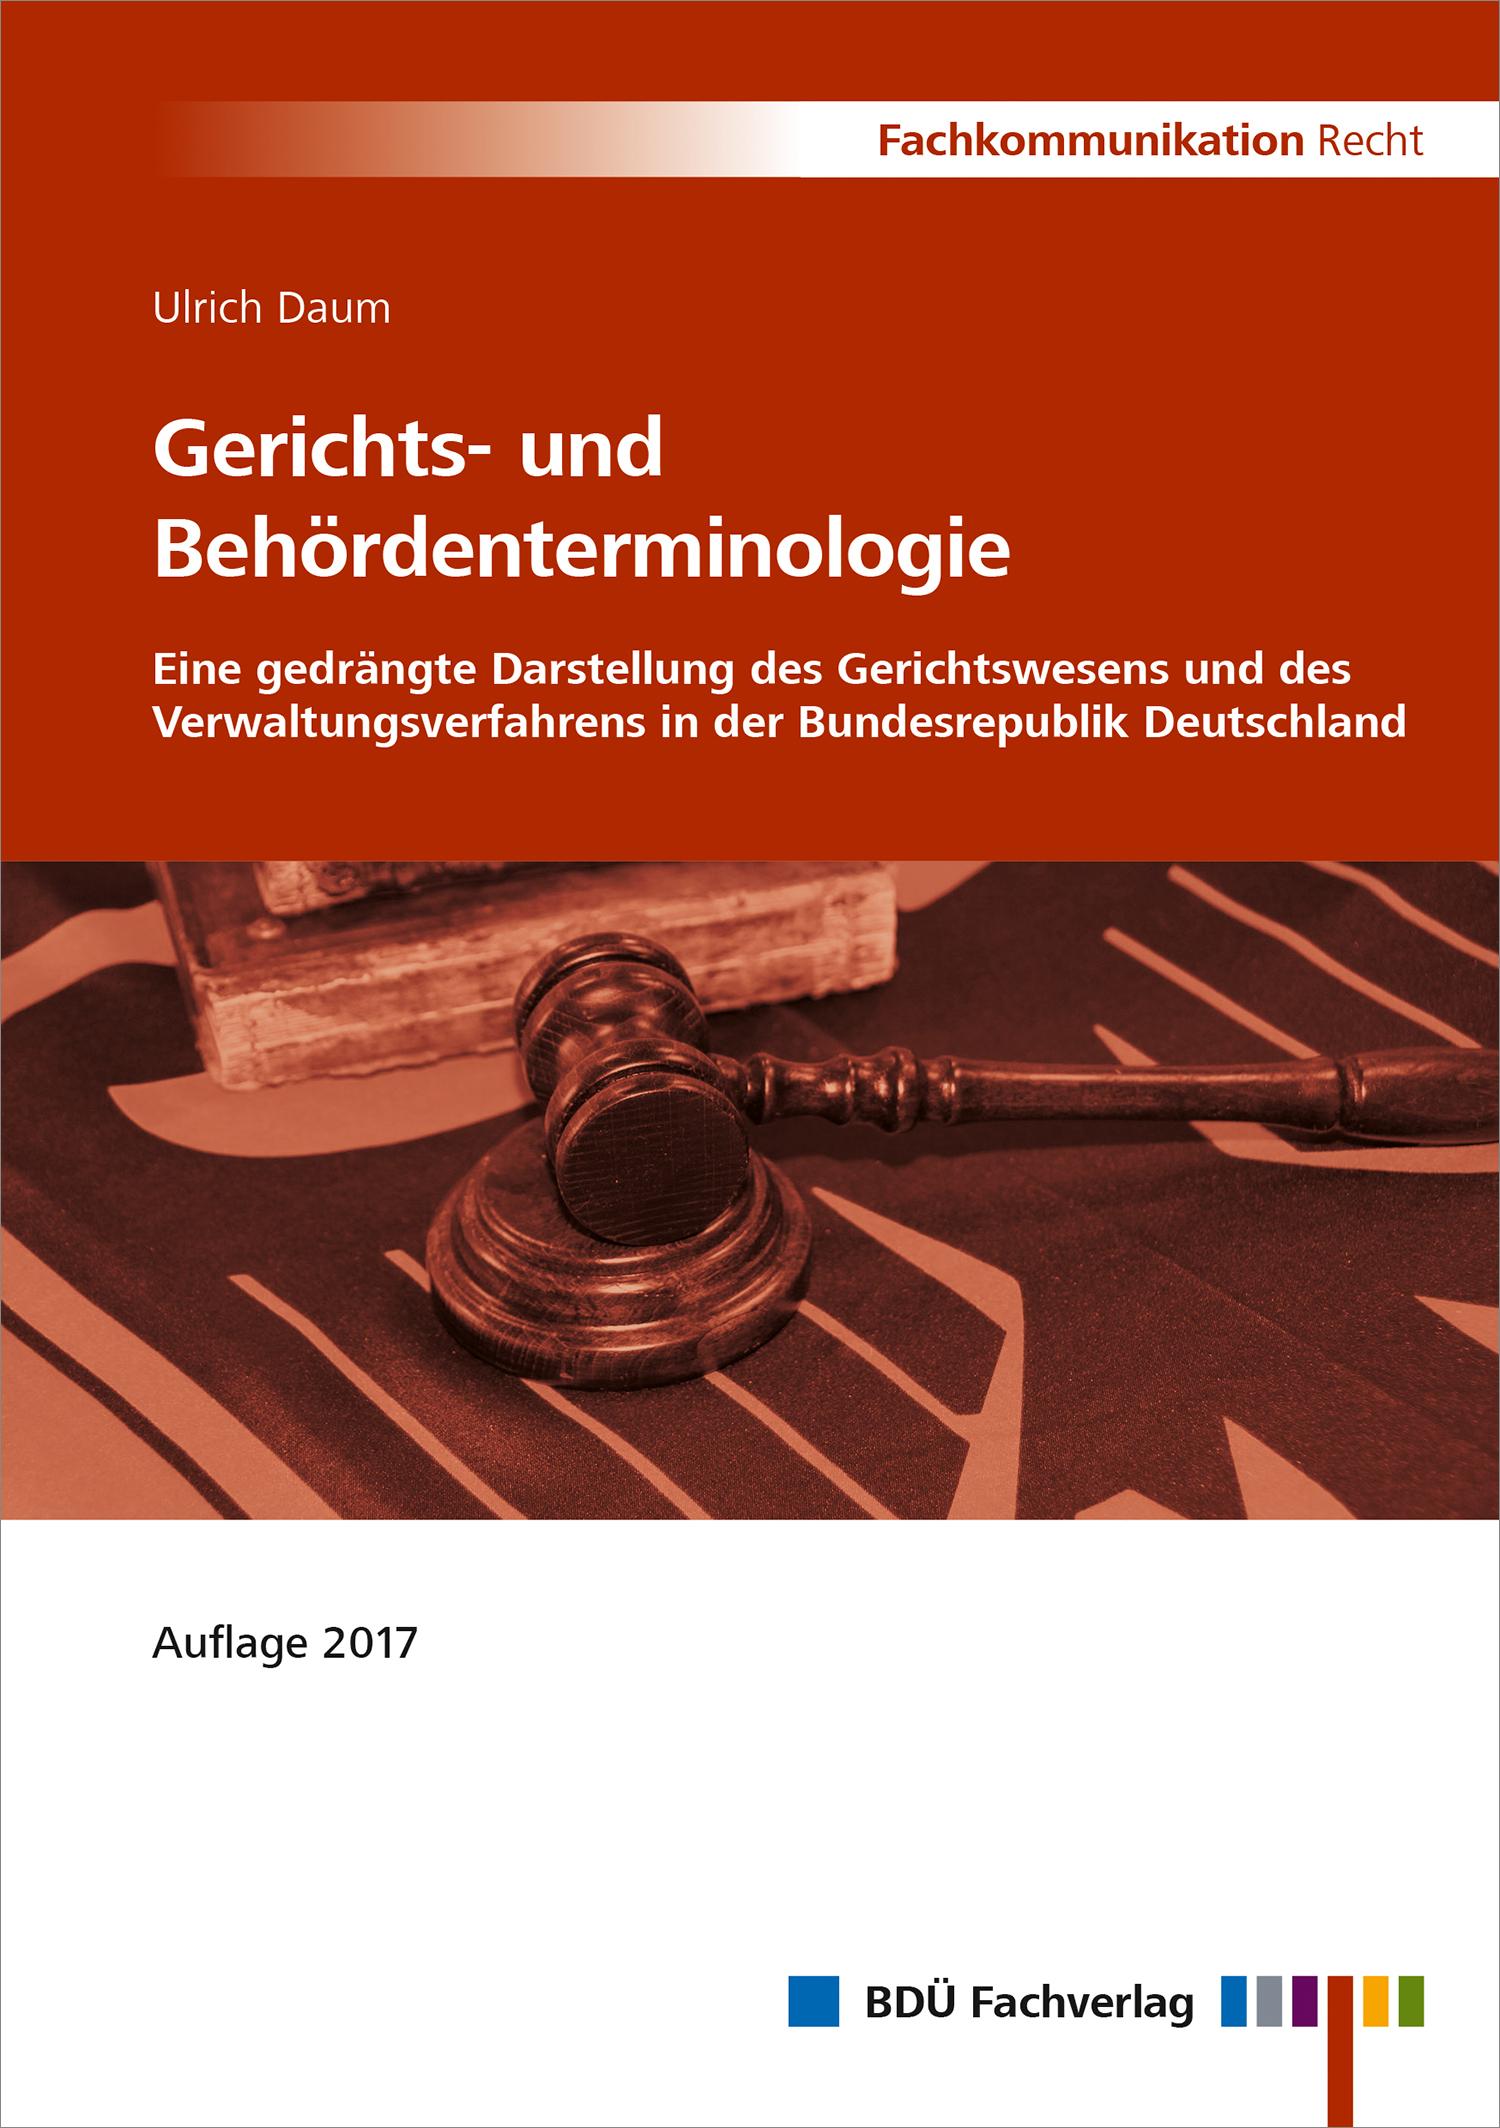 Gerichts- und Behördenterminologie - Auflage 2017